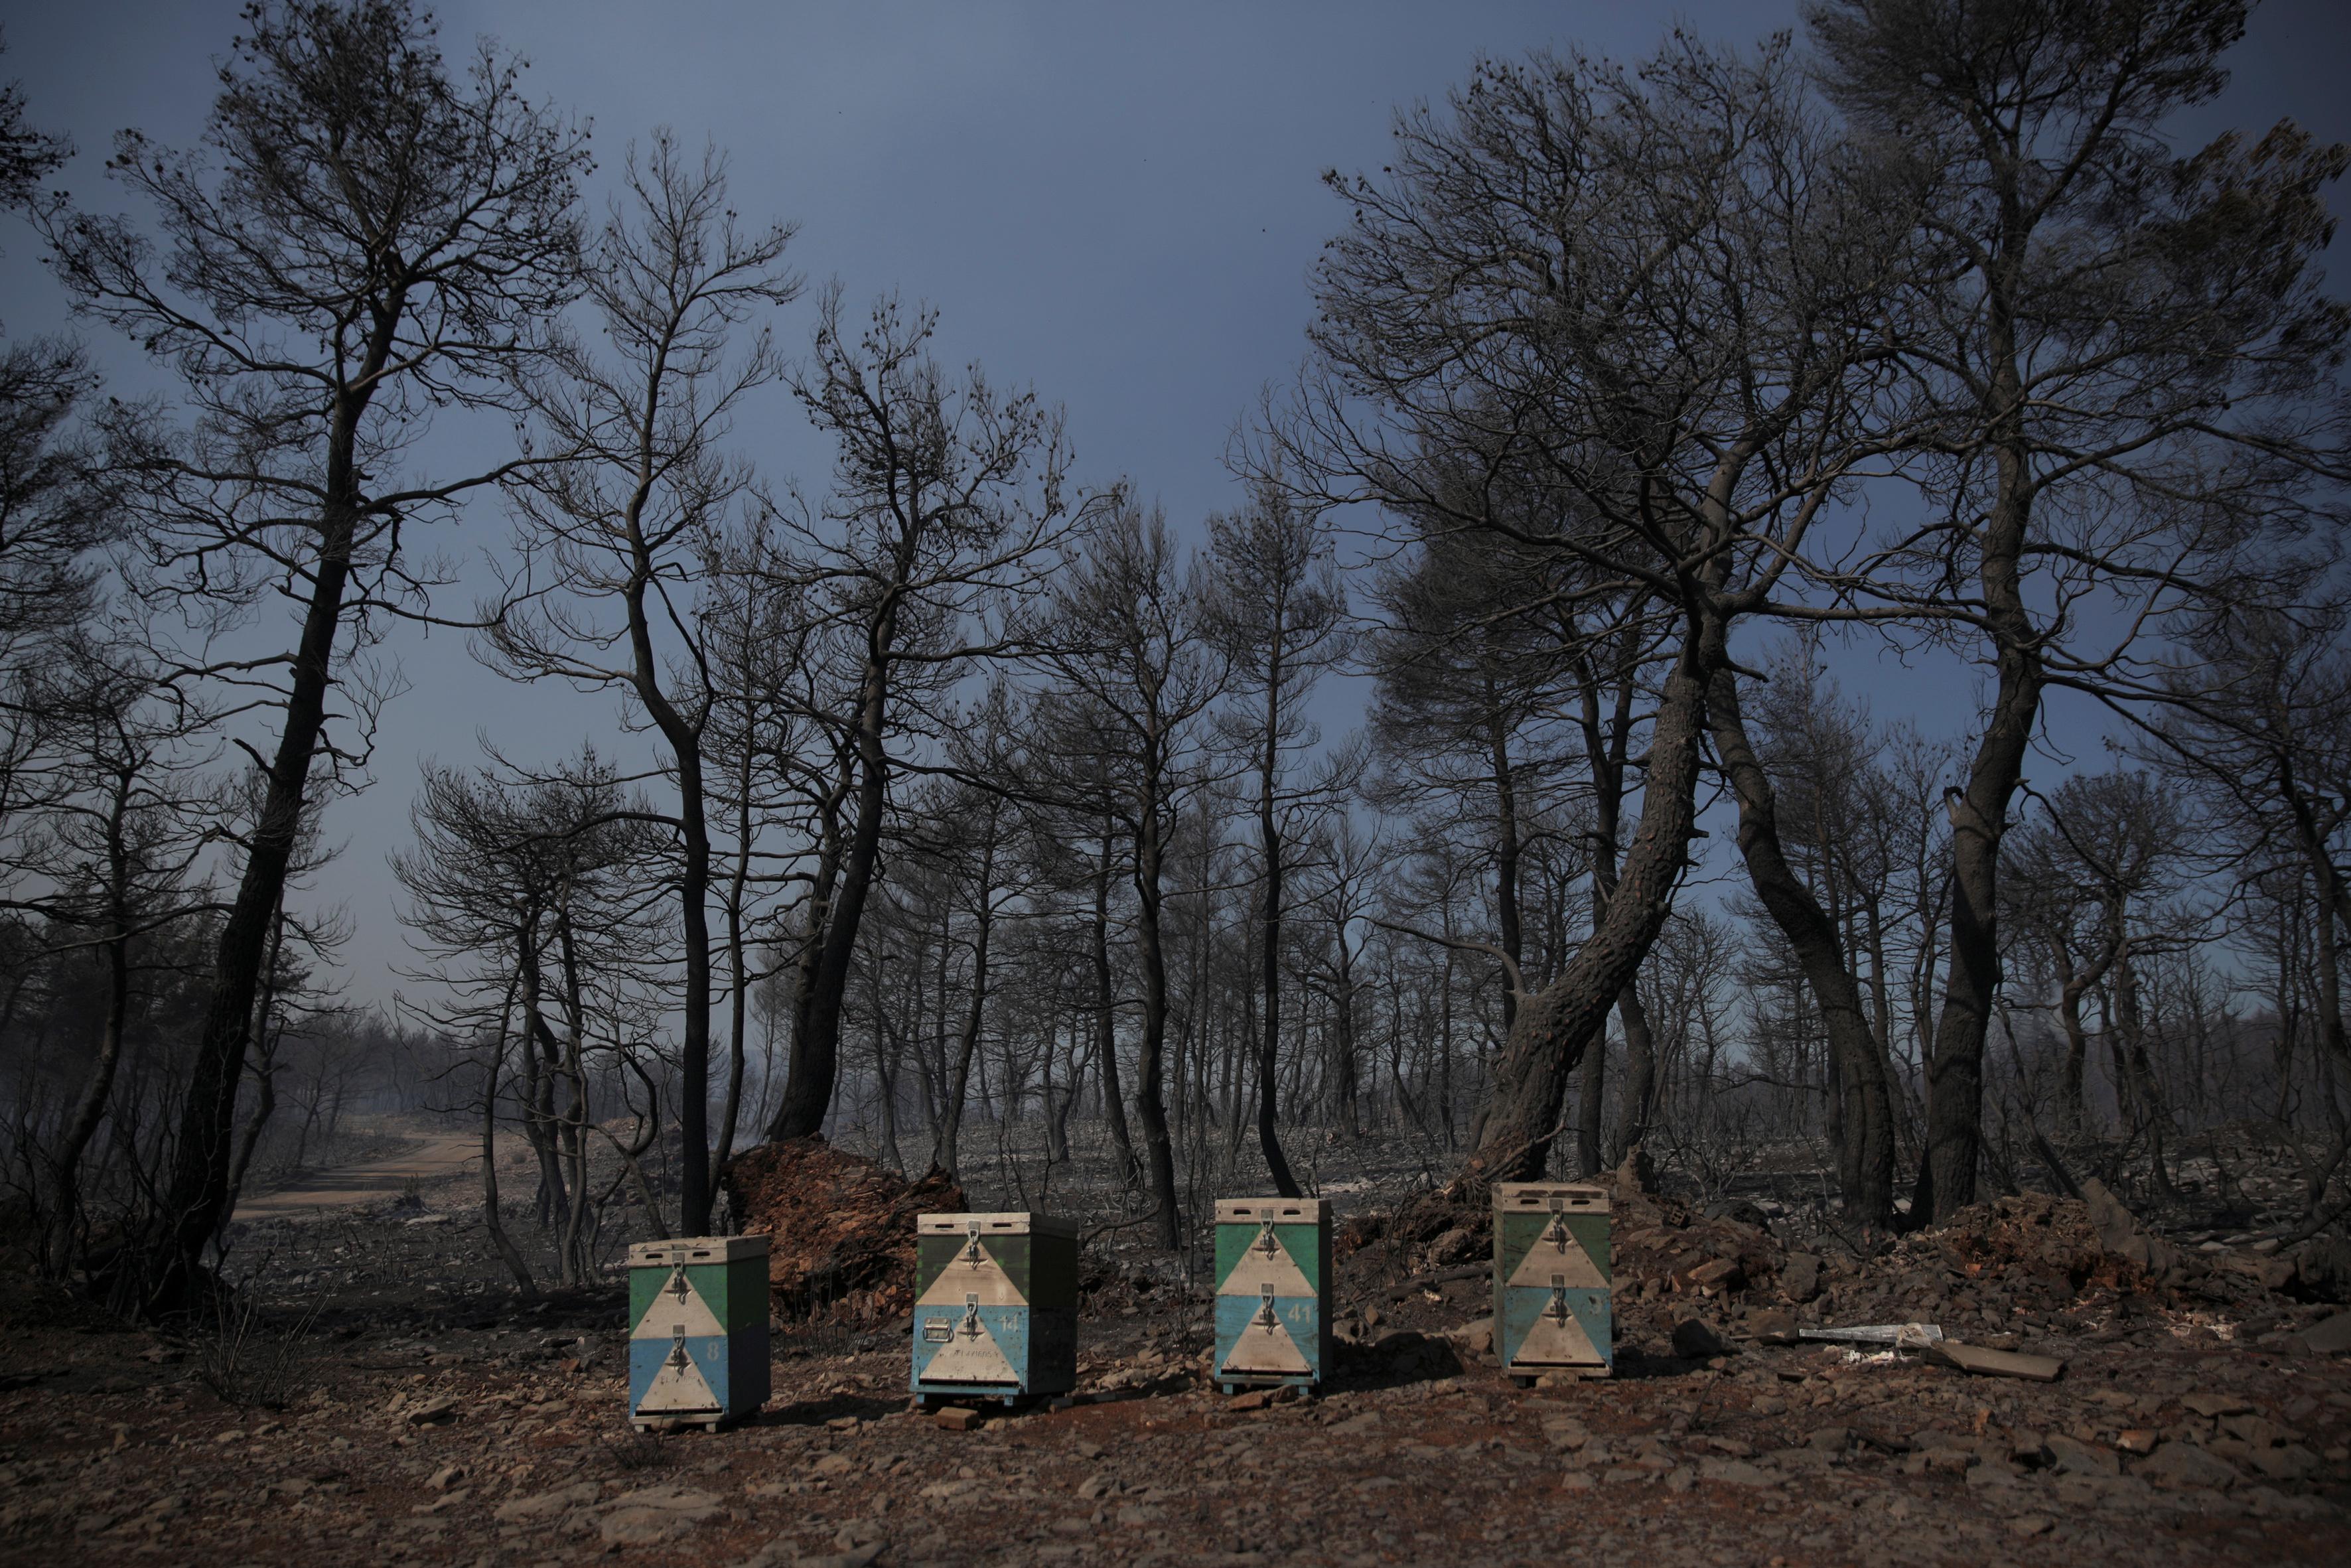 Φωτιές: 718,65 ευρώ η εφάπαξ ενίσχυση στους εργαζόμενους σε πυρόπληκτες επιχειρήσεις